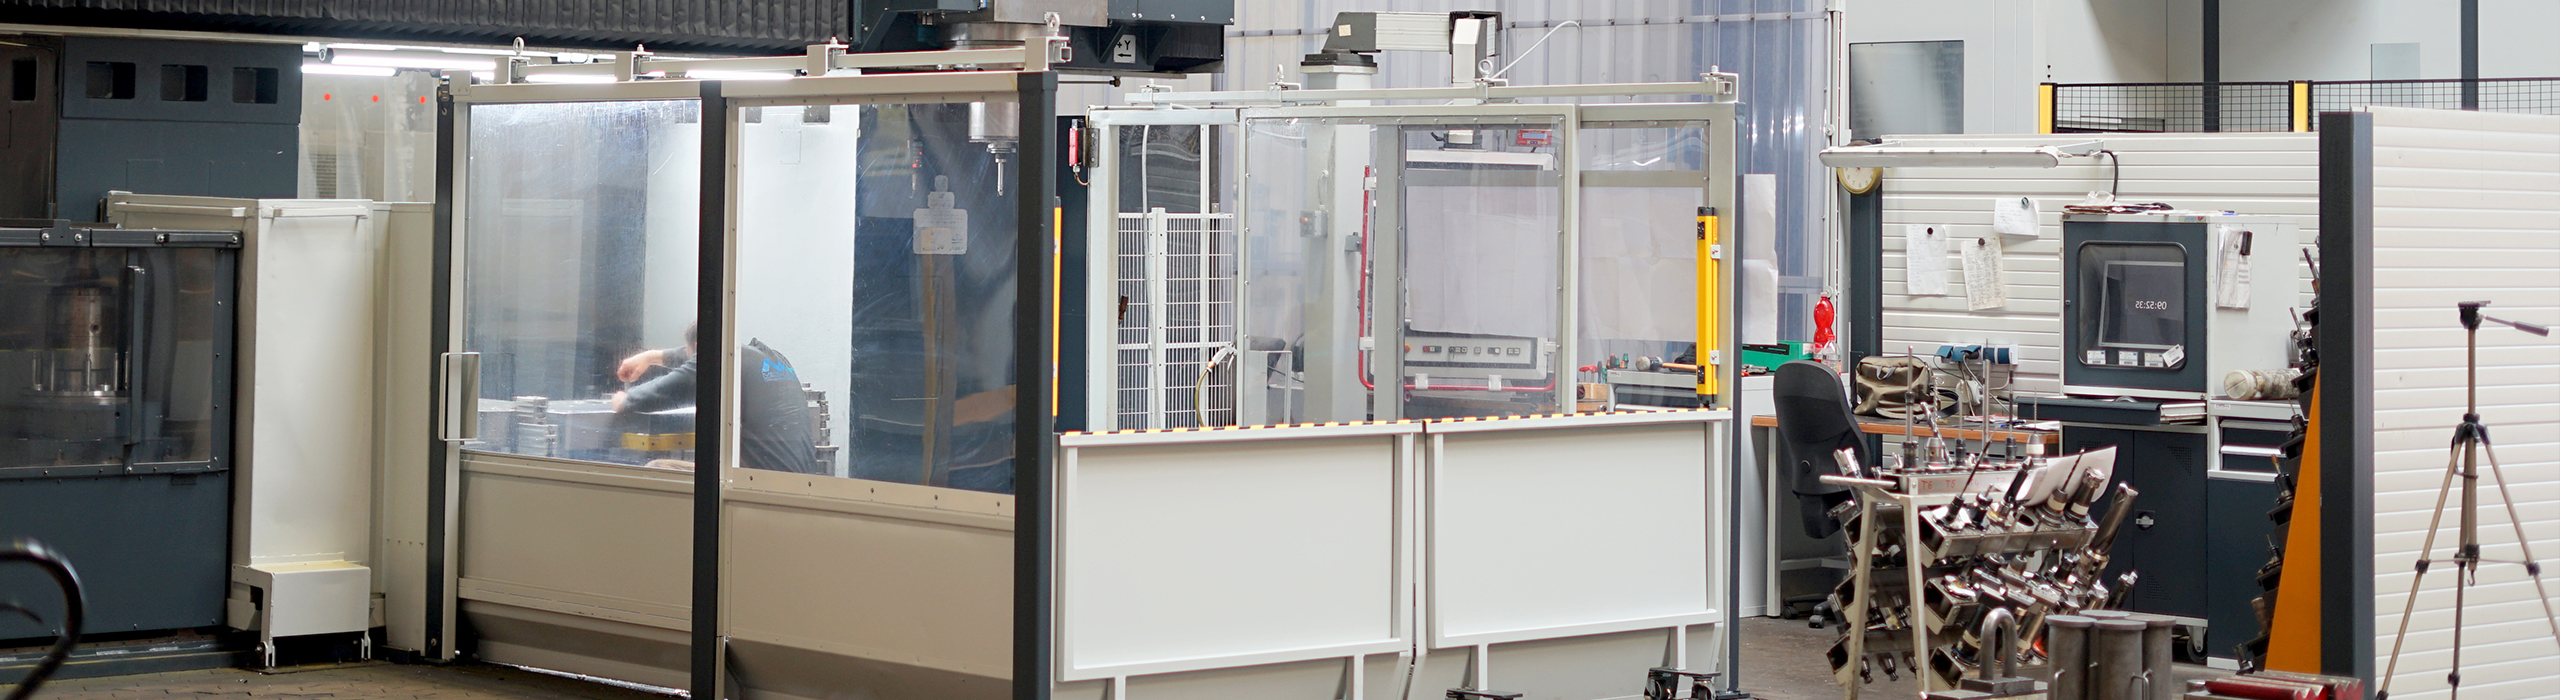 RSB-Stahl-grossteilbearbeitung-header4